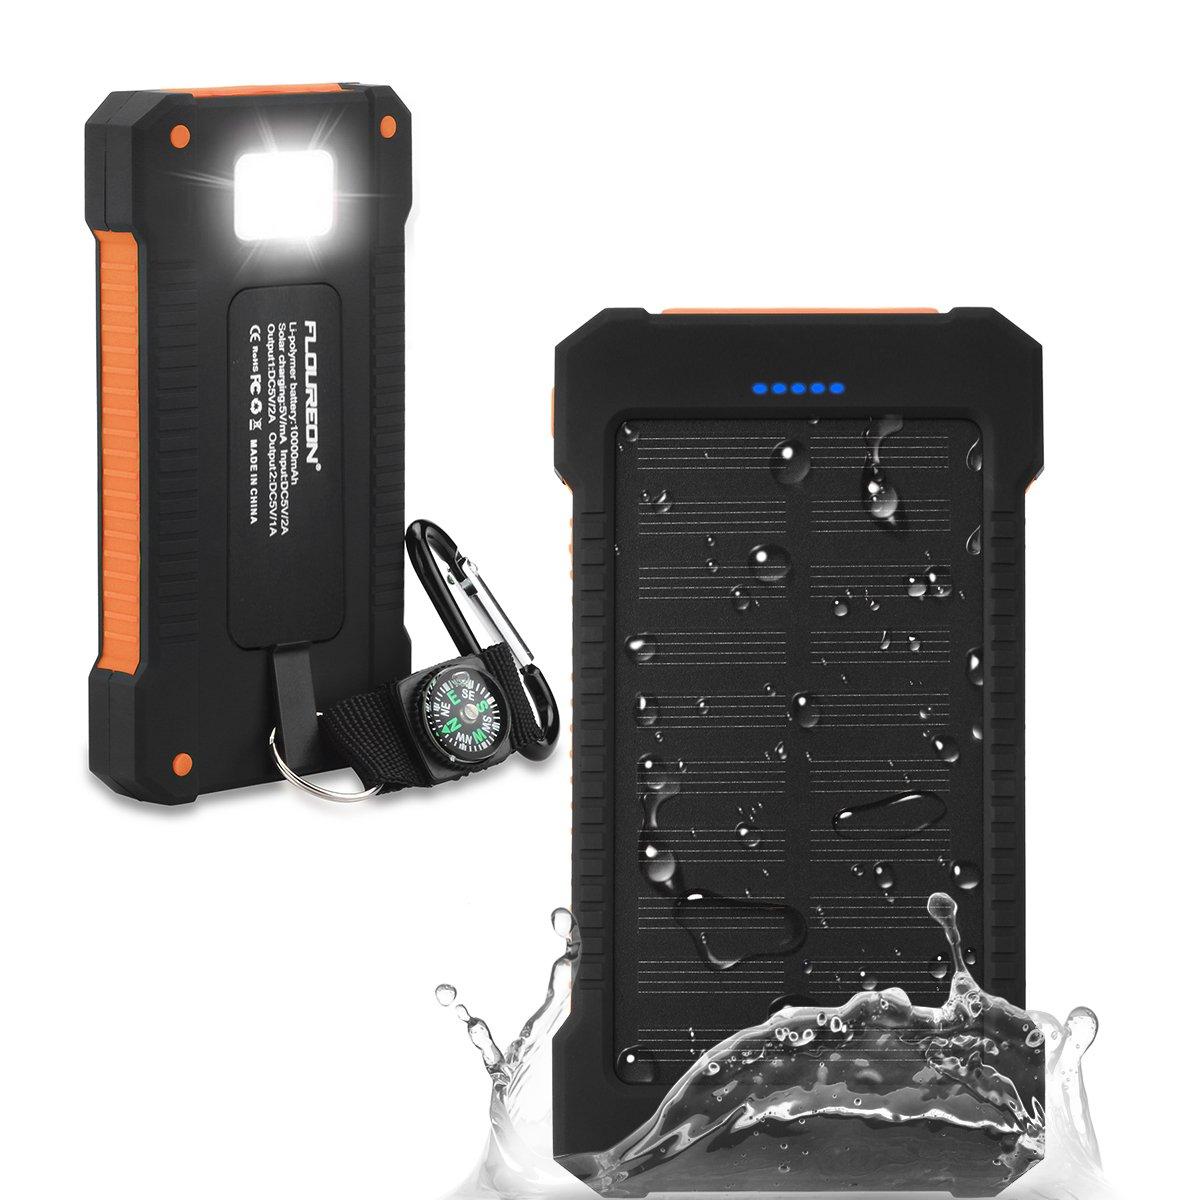 FLOUREON Batería Externa Solar Batería de Emergencia Cargador Solar a Prueba de Agua 10000mAh con 2 Puertos USB Brújula y Antorcha LED para ...